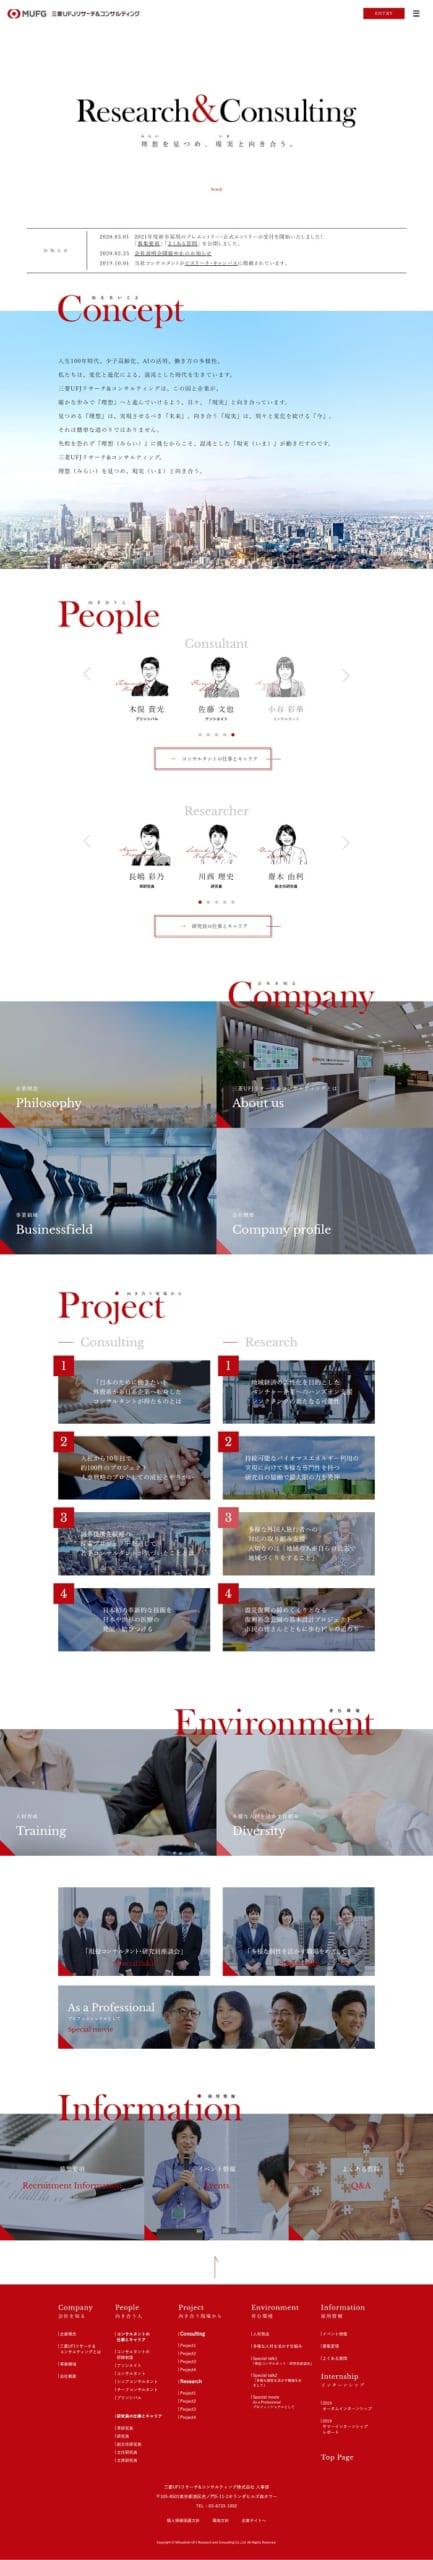 三菱UFJリサーチ&コンサルティング 2021 Recruitment